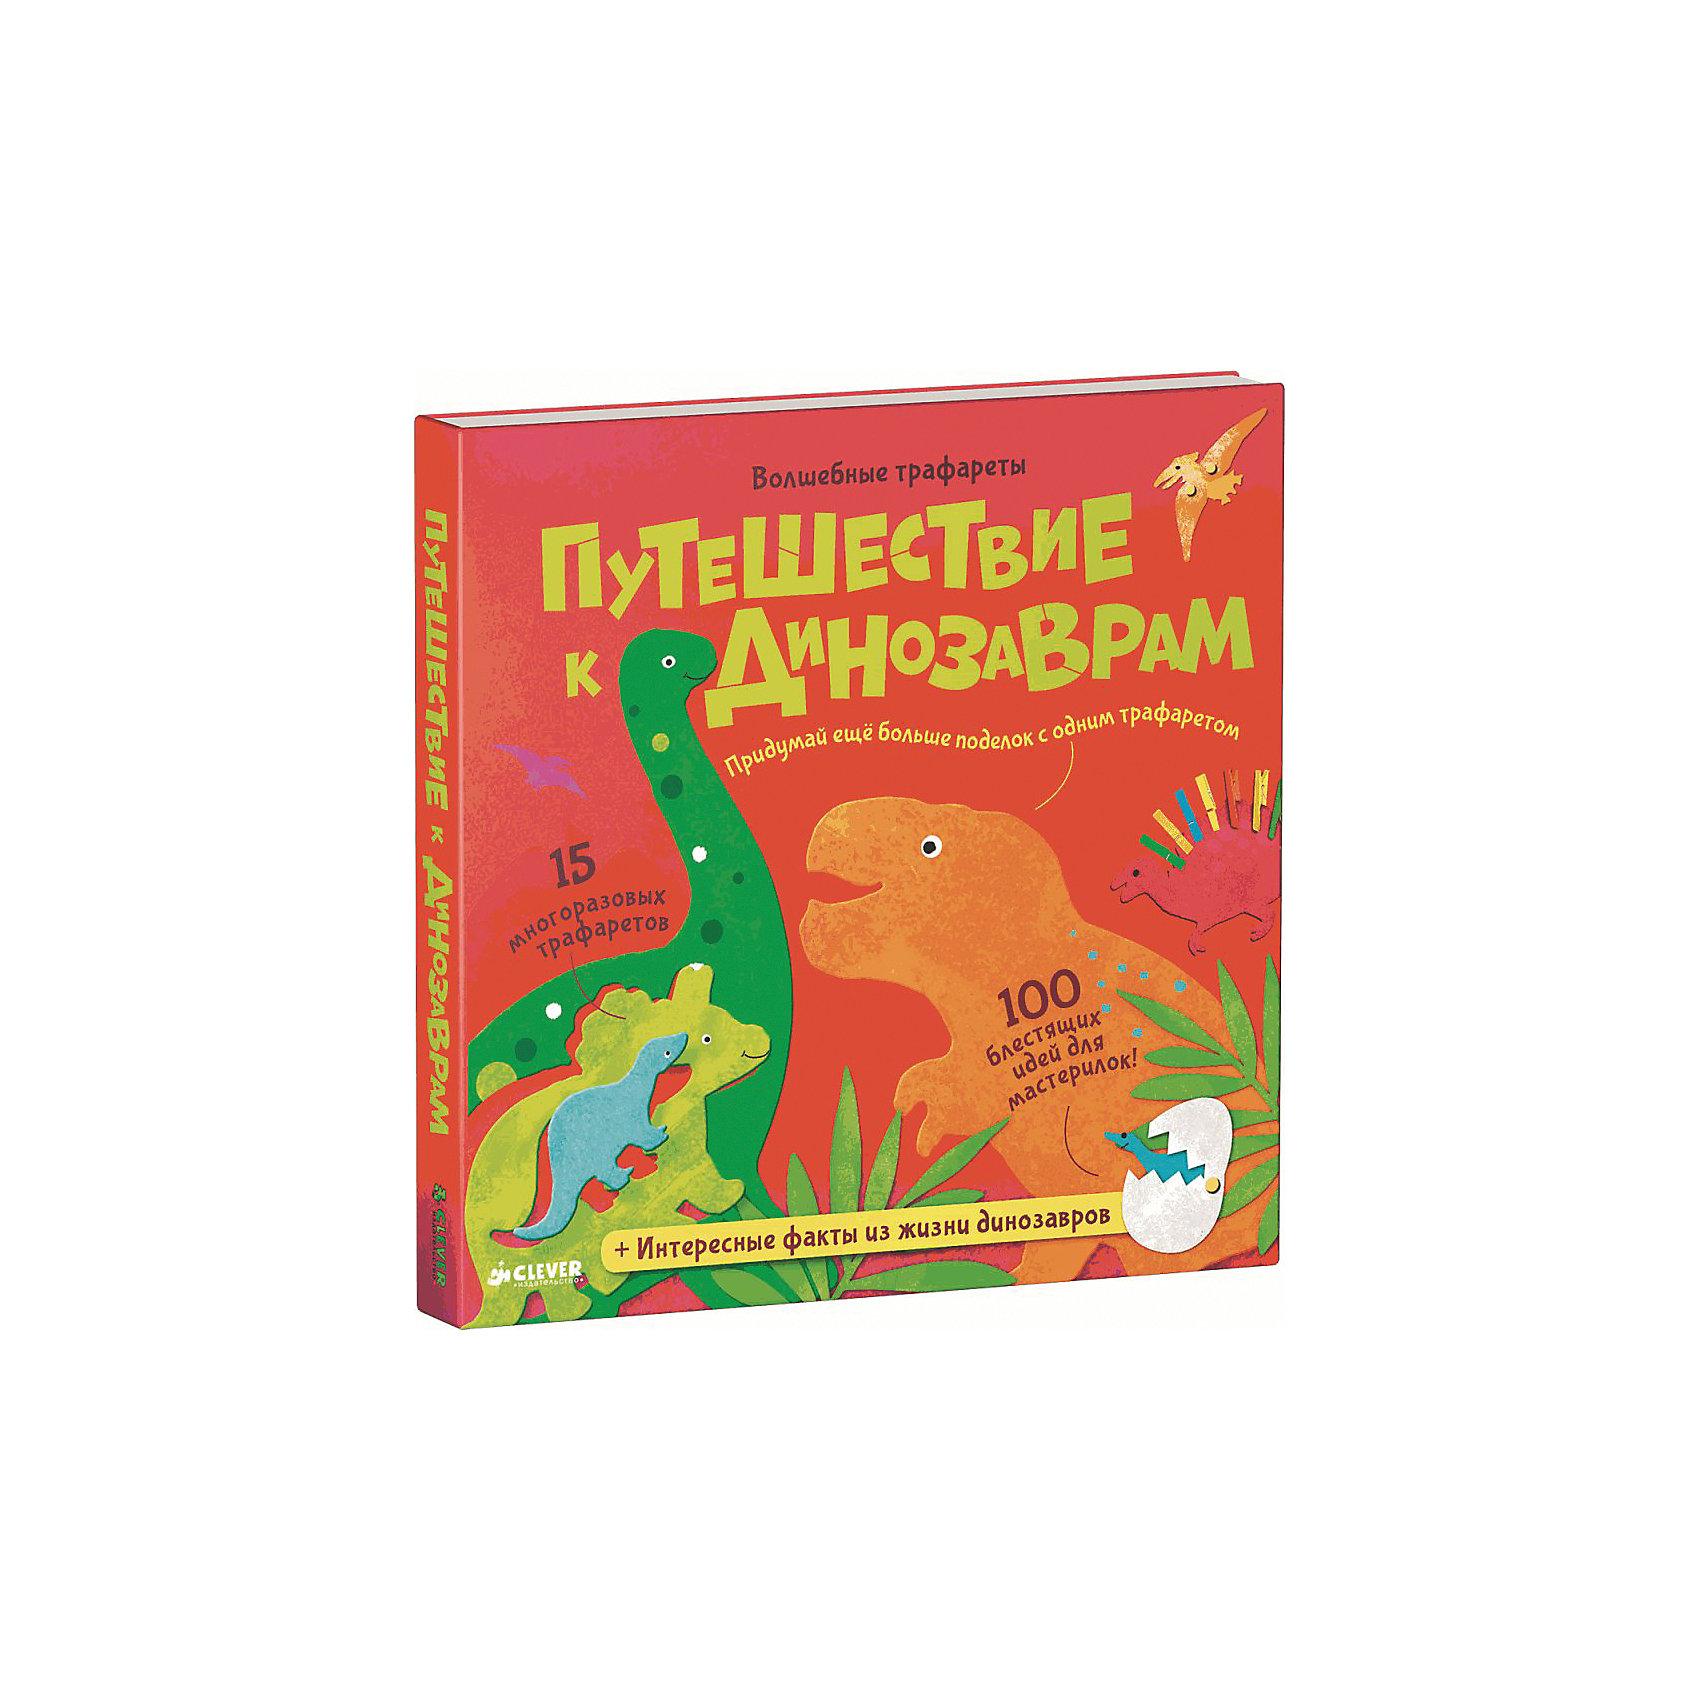 Волшебные трафареты Путешествие к динозаврам, Л. ХэмблтонТрафареты – специальные карточки, на которых представлены разнообразные задания, способные увлечь ребенка. Набор состоит из 15и ярких карточек. На каждой написано 15 вариантов ее применения или декорирования. Благодаря набору малыш познакомится с природными материалами, пустит в ход домашние лоскутки и придумает новые варианты использования старых вещей. Из трафаретов можно сделать интересные фигурки для веселой игры. Разнообразие вариантов не позволит игре стать скучным занятием.  Набор развивает творческие способности, воображение и мелкую моторику малыша. <br><br>Дополнительная информация:<br><br>формат: 22 ? 29 см;<br>возраст: 0+.<br><br>Волшебные трафареты Путешествие к динозаврам, Л. Хэмблтон можно приобрести в нашем магазине.<br><br>Ширина мм: 220<br>Глубина мм: 220<br>Высота мм: 10<br>Вес г: 270<br>Возраст от месяцев: 0<br>Возраст до месяцев: 36<br>Пол: Унисекс<br>Возраст: Детский<br>SKU: 4976118